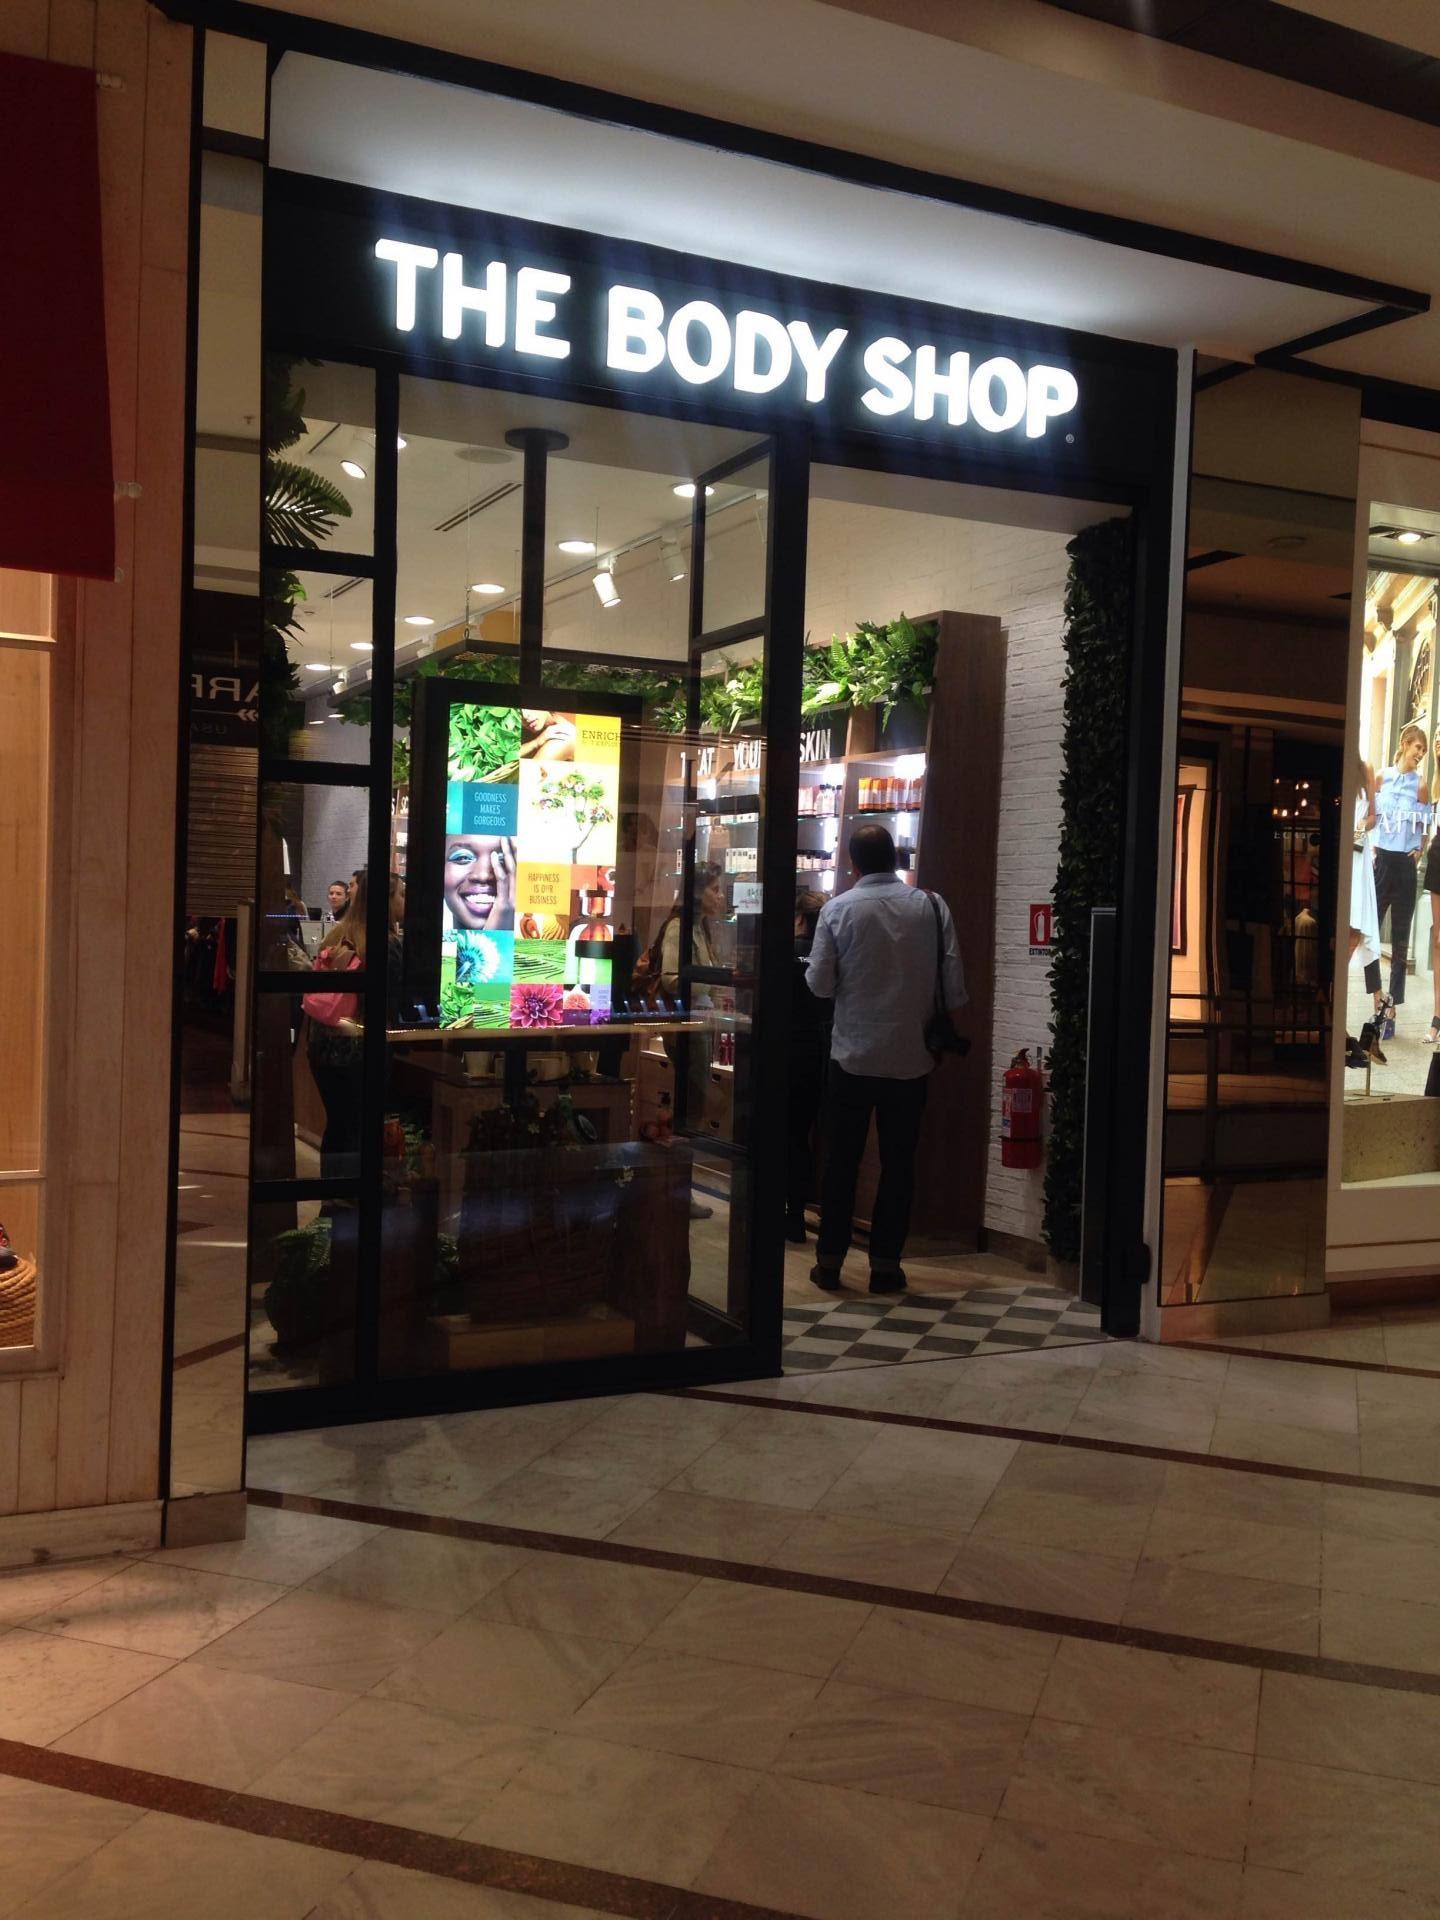 the-body-shop-tienda-frontis